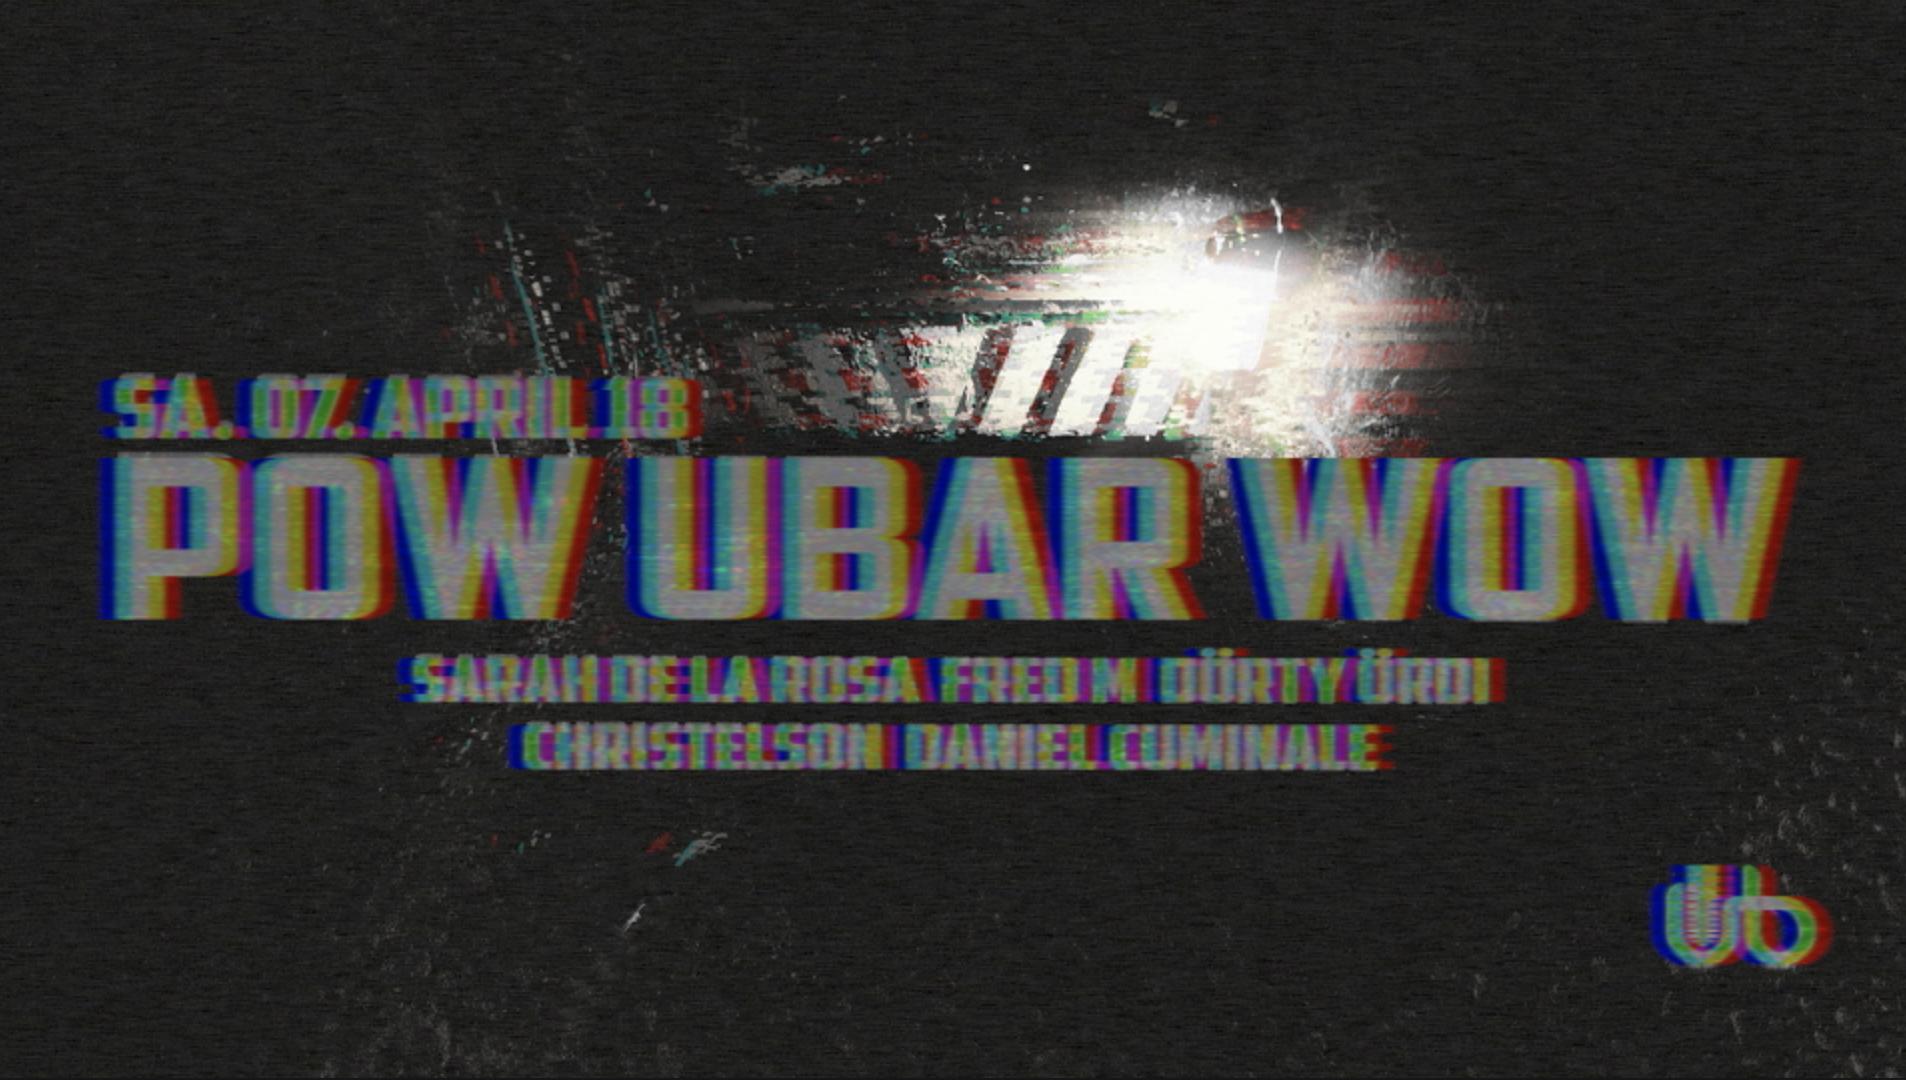 UBAR: POW UBAR WOW